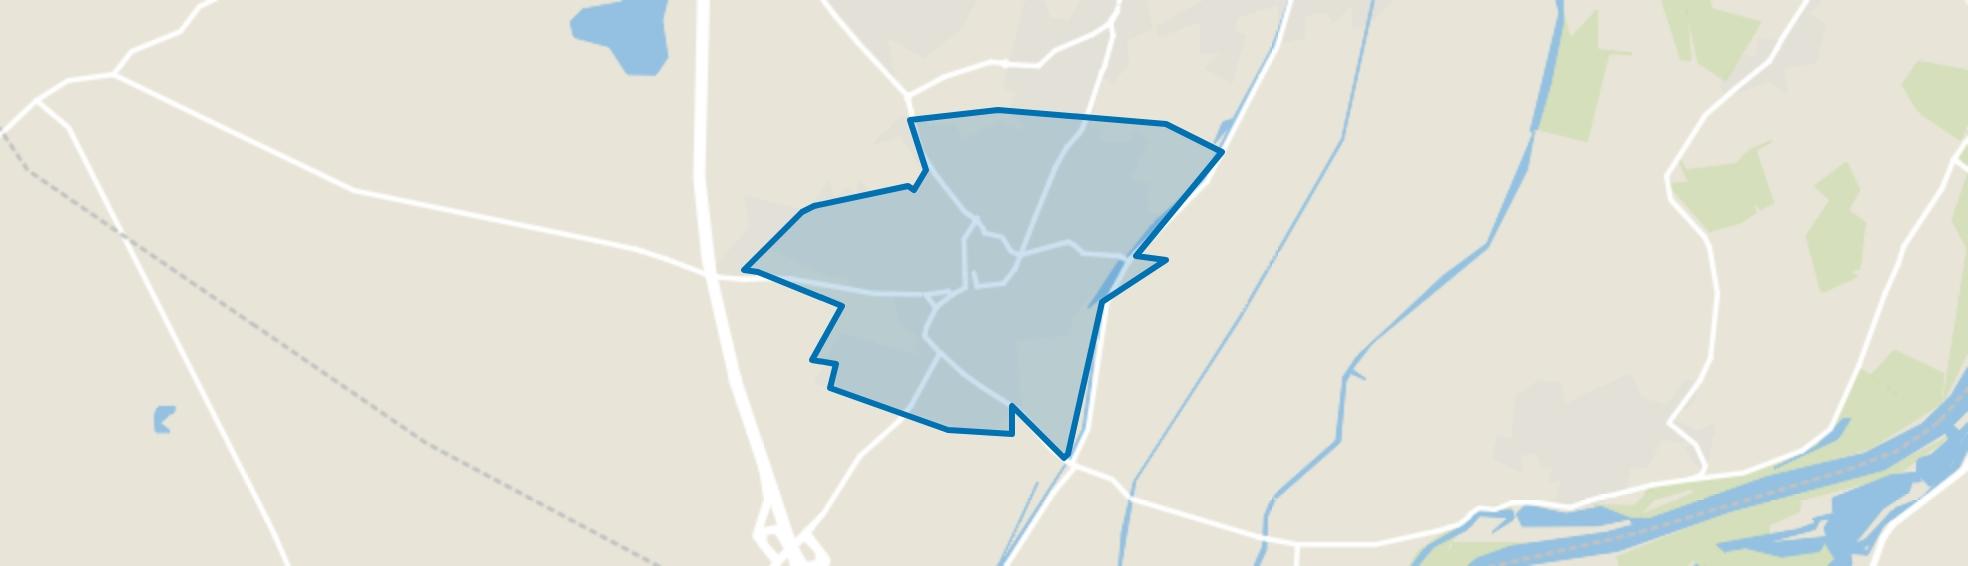 Heerde, Heerde map